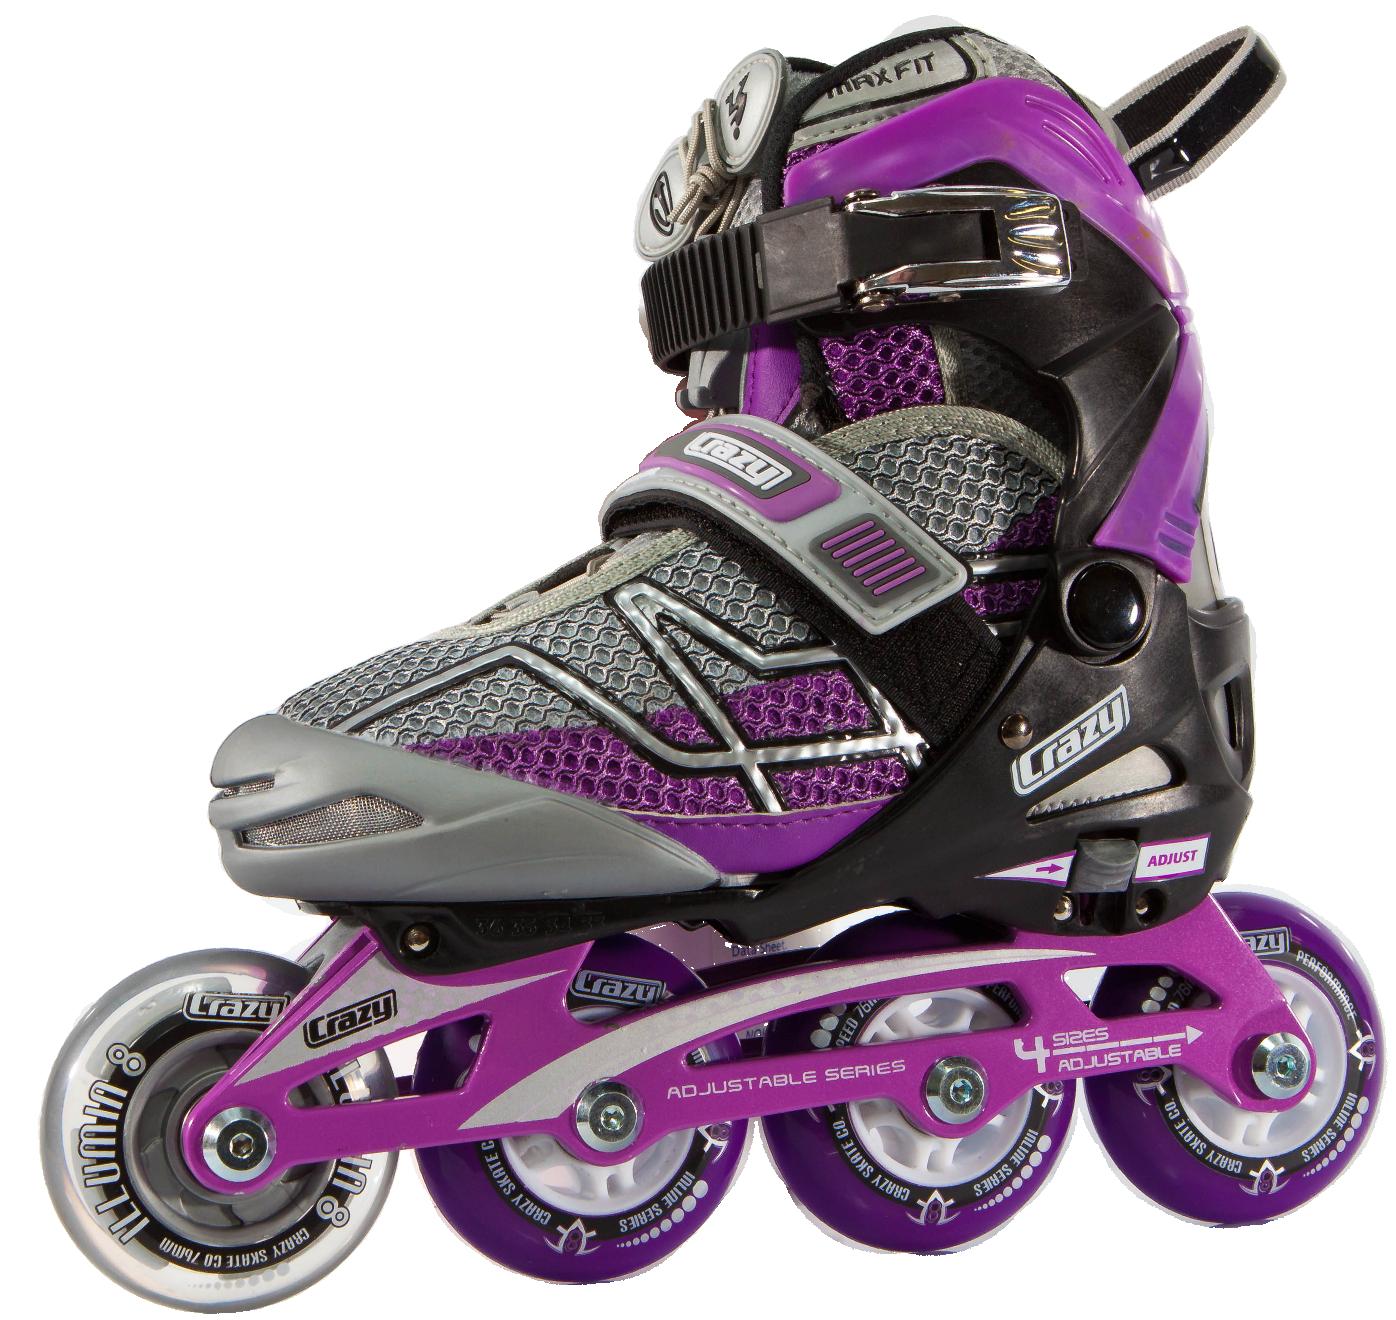 Roller Skates PNG HD Transparent Roller Skates HD.PNG Images.